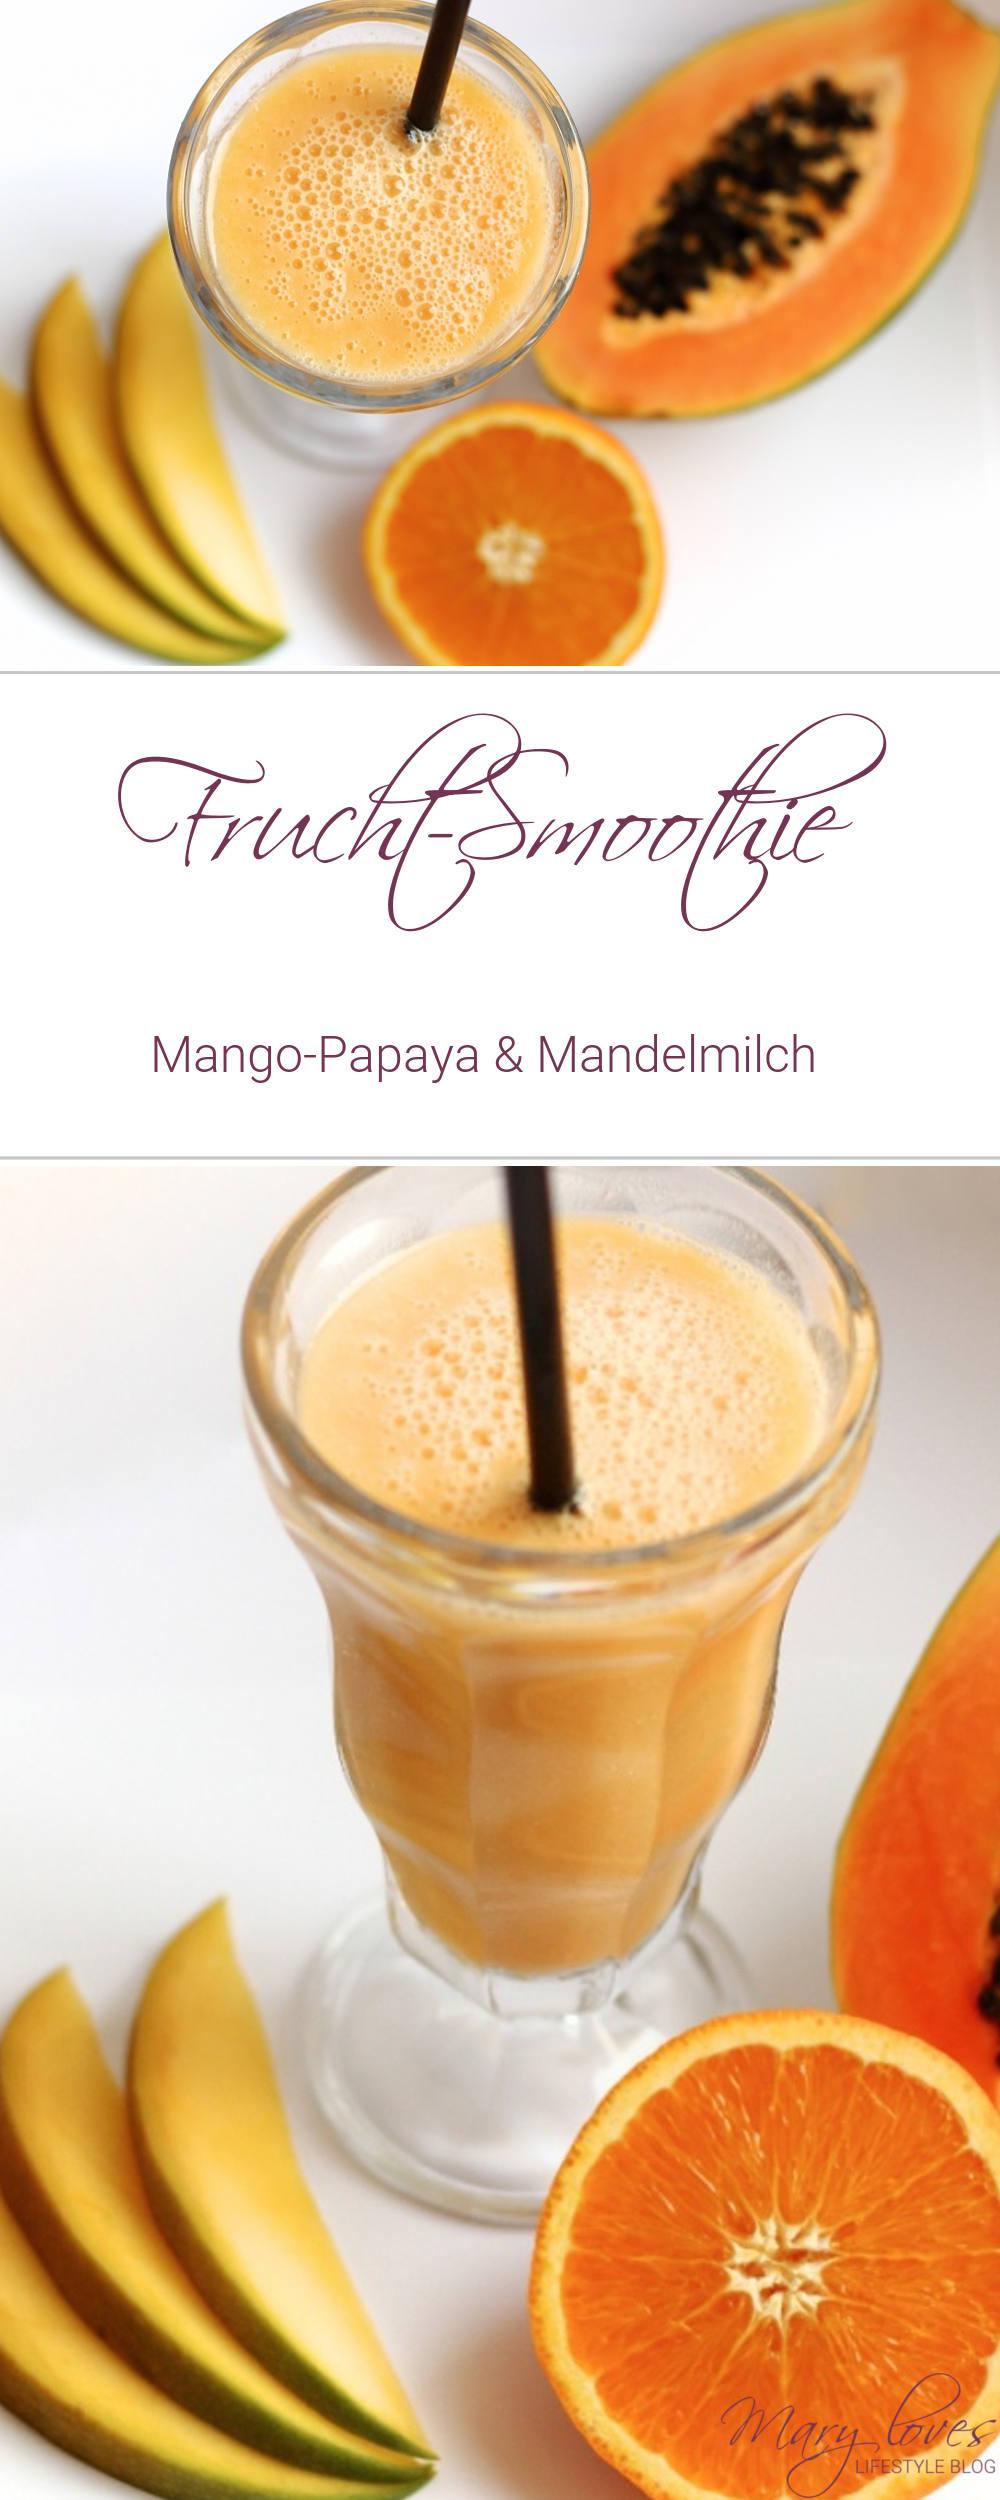 Smoothie-Rezept: Frucht-Smoothie mit Mandelmilch